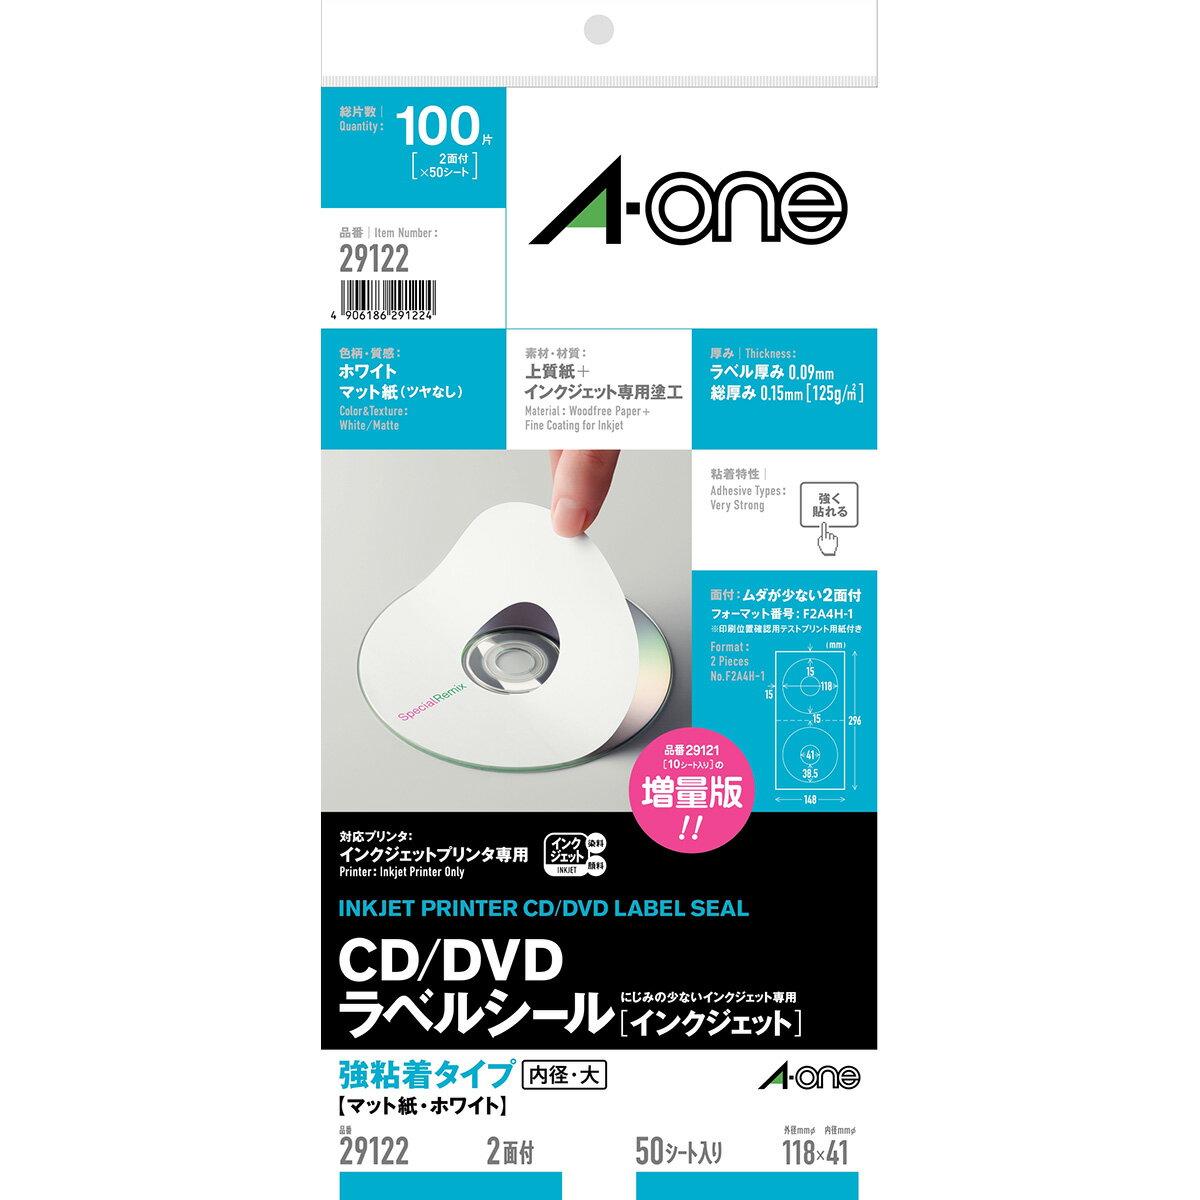 エーワン(A-One) 29122 CD/DVD ラベルシール (インクジェット) マット紙 内径・大 50シート(100枚)入り 1 パック